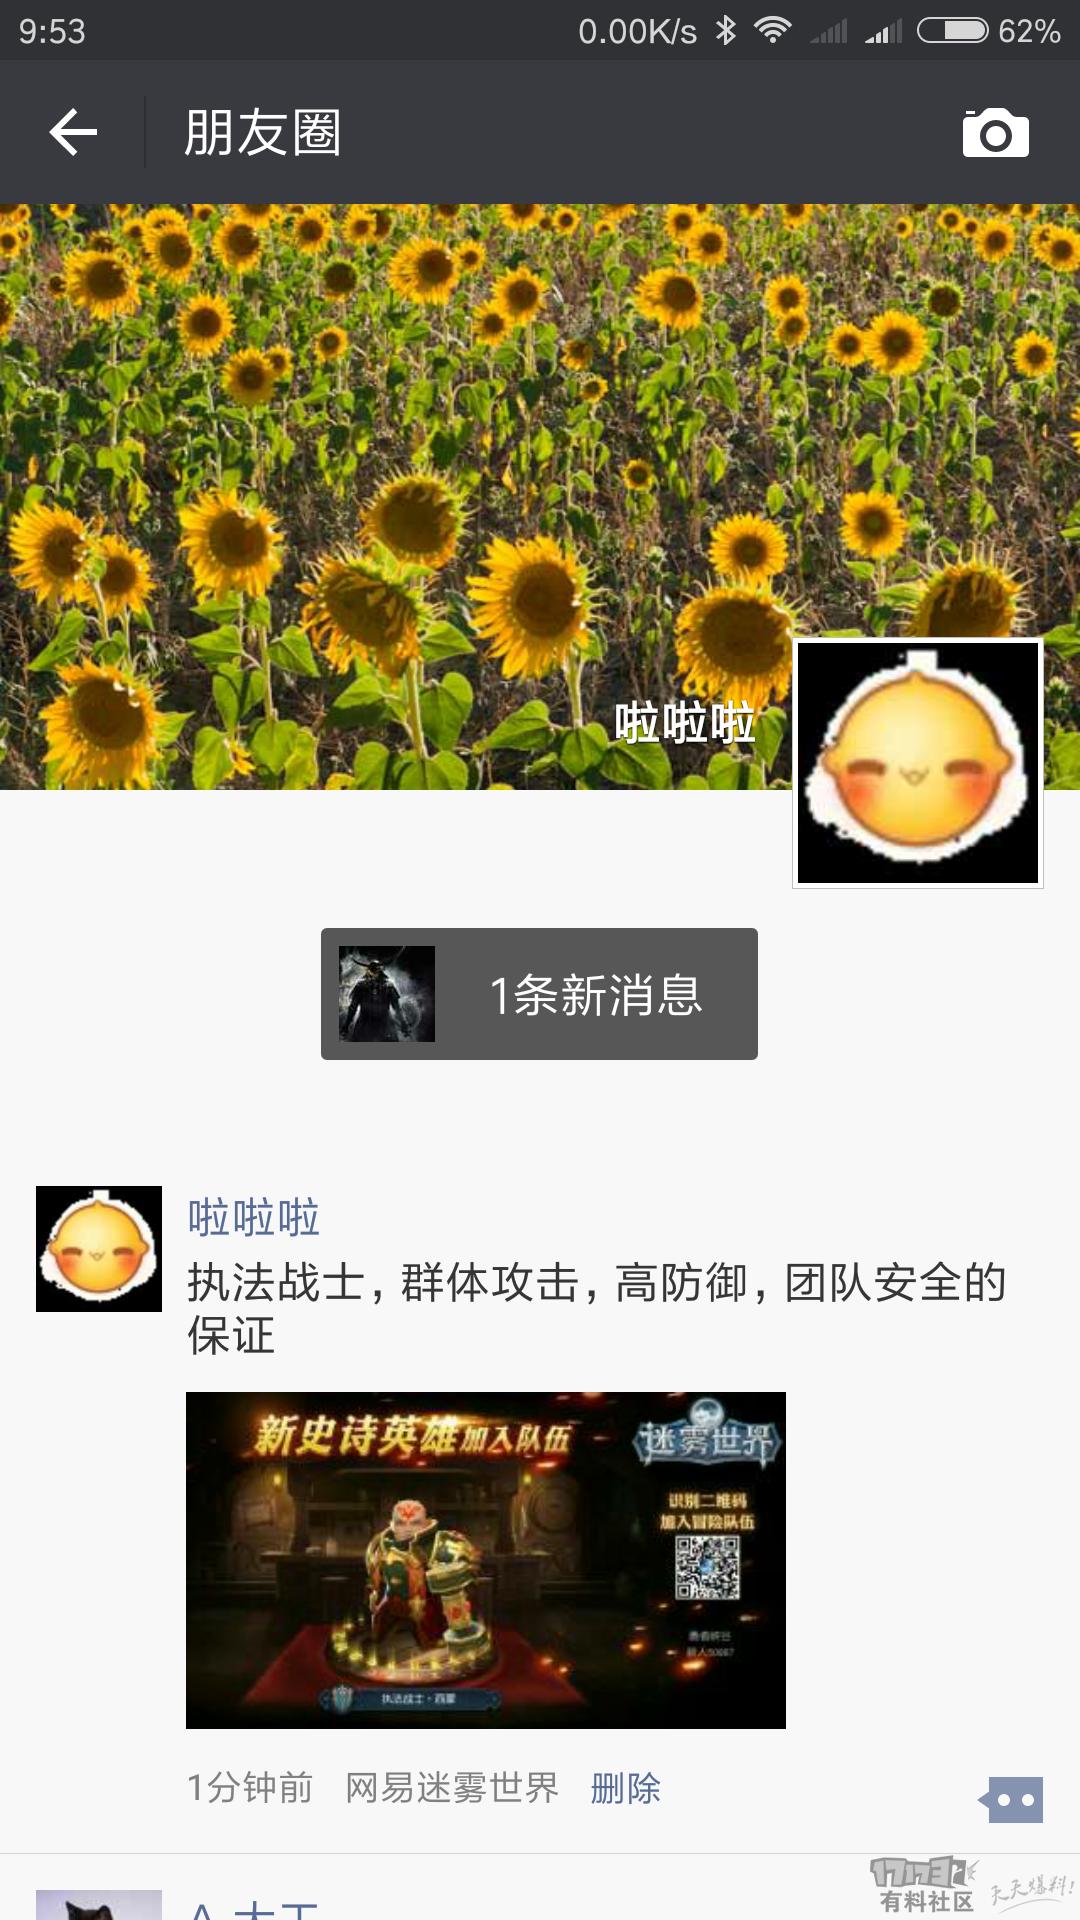 Screenshot_2017-08-16-09-53-17-368_com.tencent.mm.png